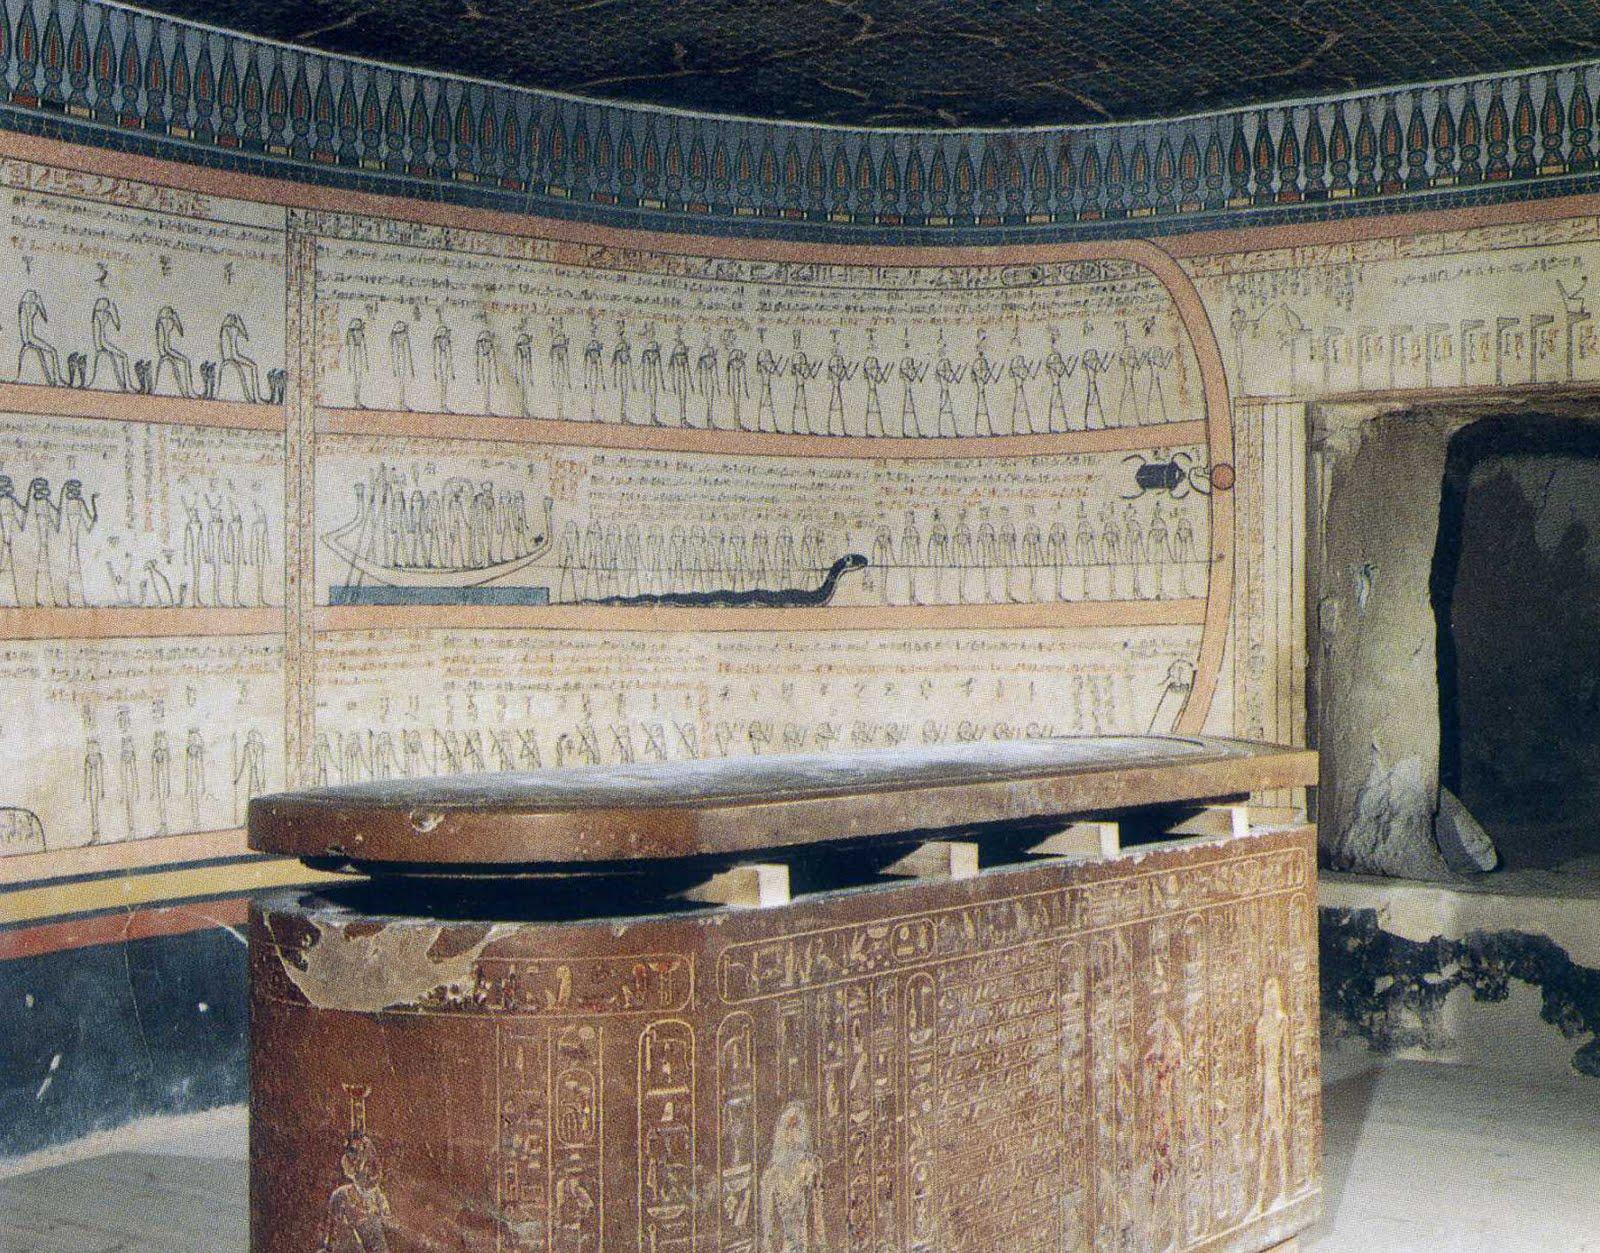 史克維的娘: [展覽] 木乃伊傳奇 - 埃及古文明特展 (part II)